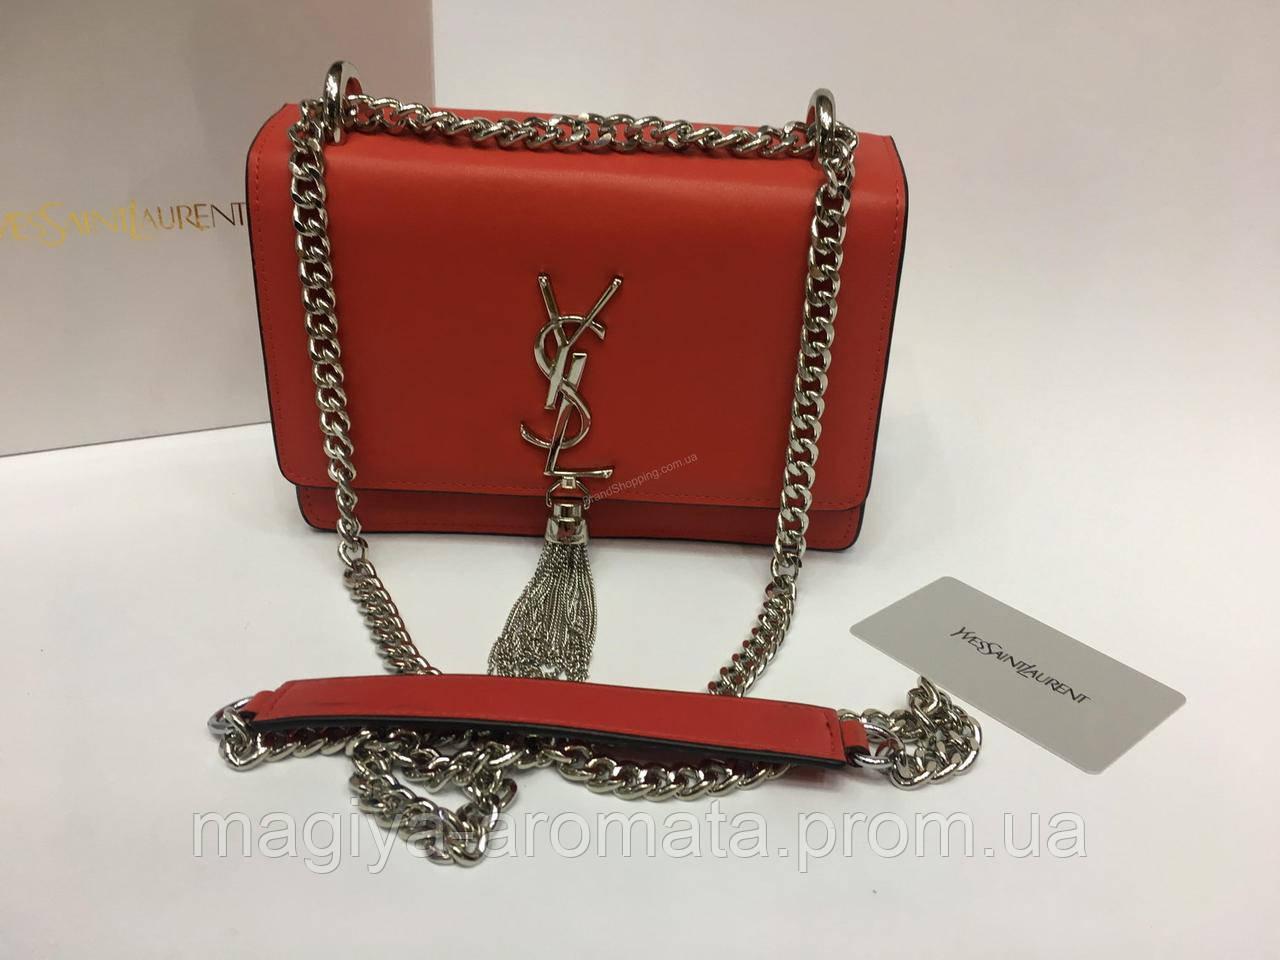 938fdd223b35 Кожаная брендовая женская сумка YSL lux копия красная Ив Сен Лоран. SAINT  LAURENT